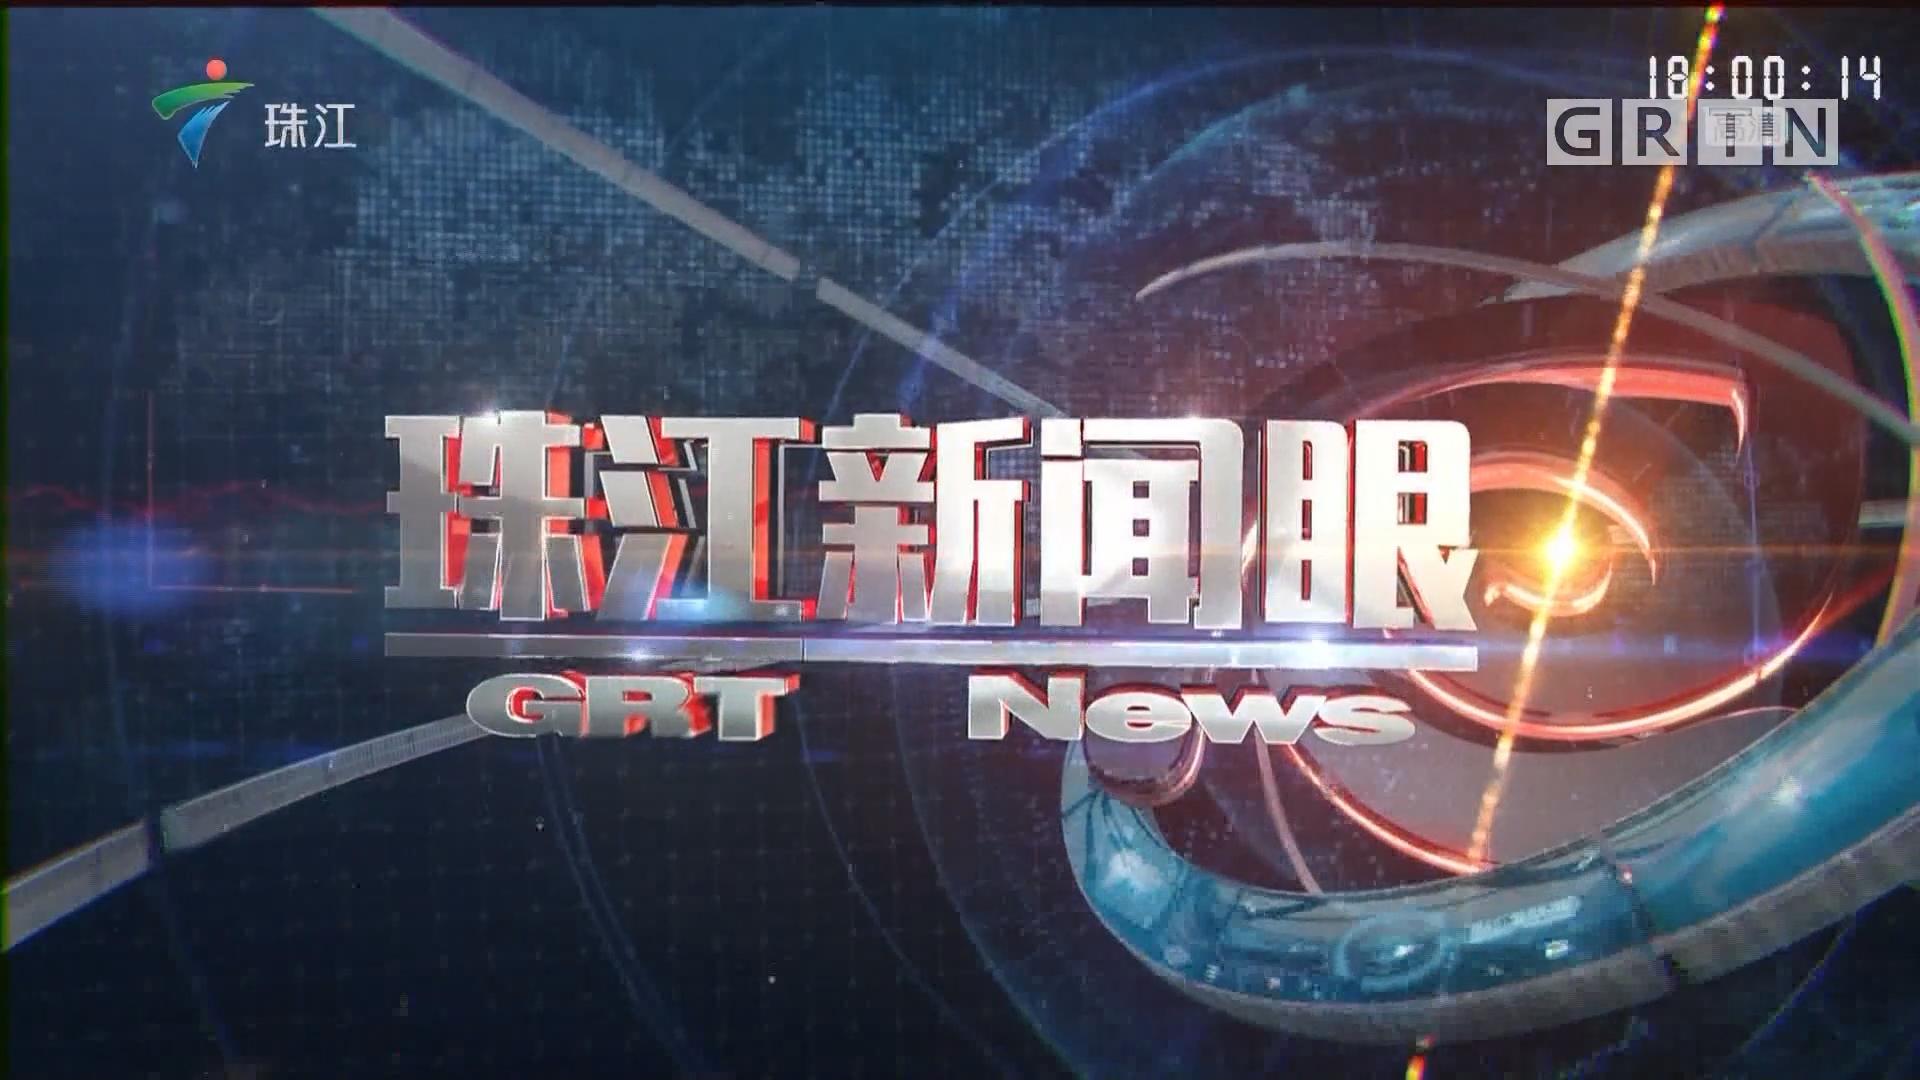 [HD][2018-11-05]珠江新闻眼:上海:全球物流巨头齐聚进博会服务贸易展区